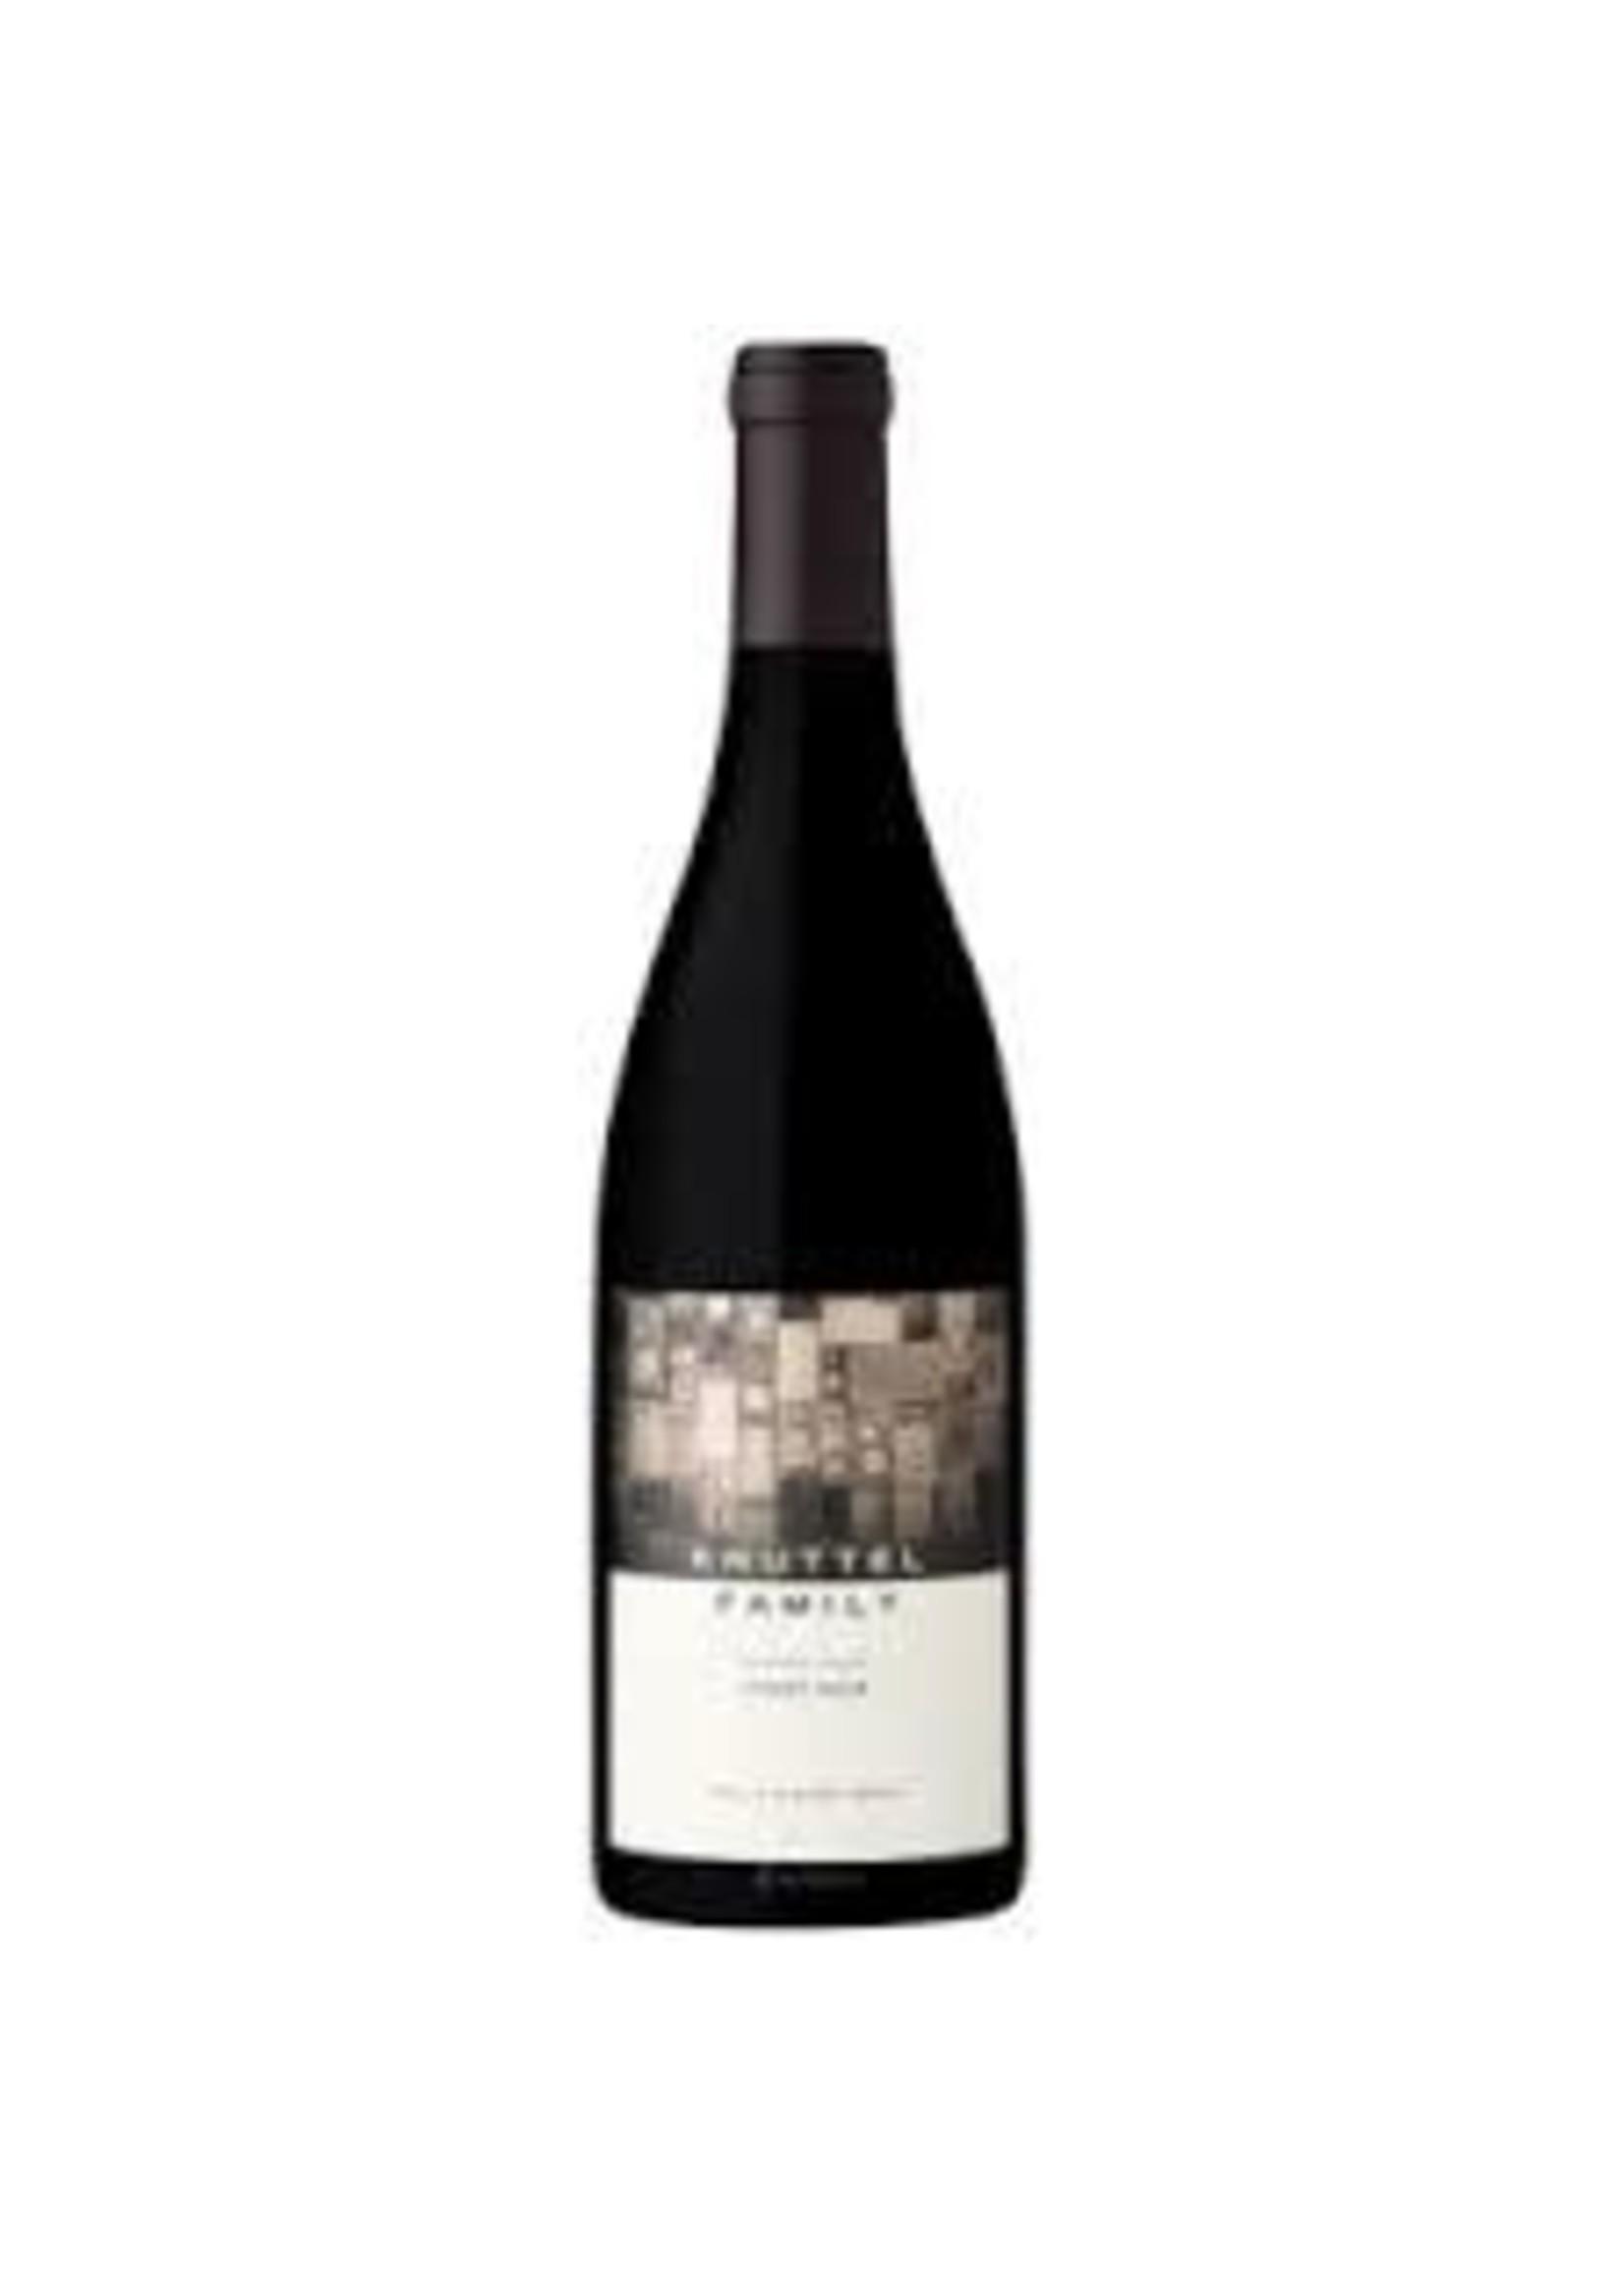 Knuttel Family 2017 Pinot Noir Bill's Hidden Track 750ml